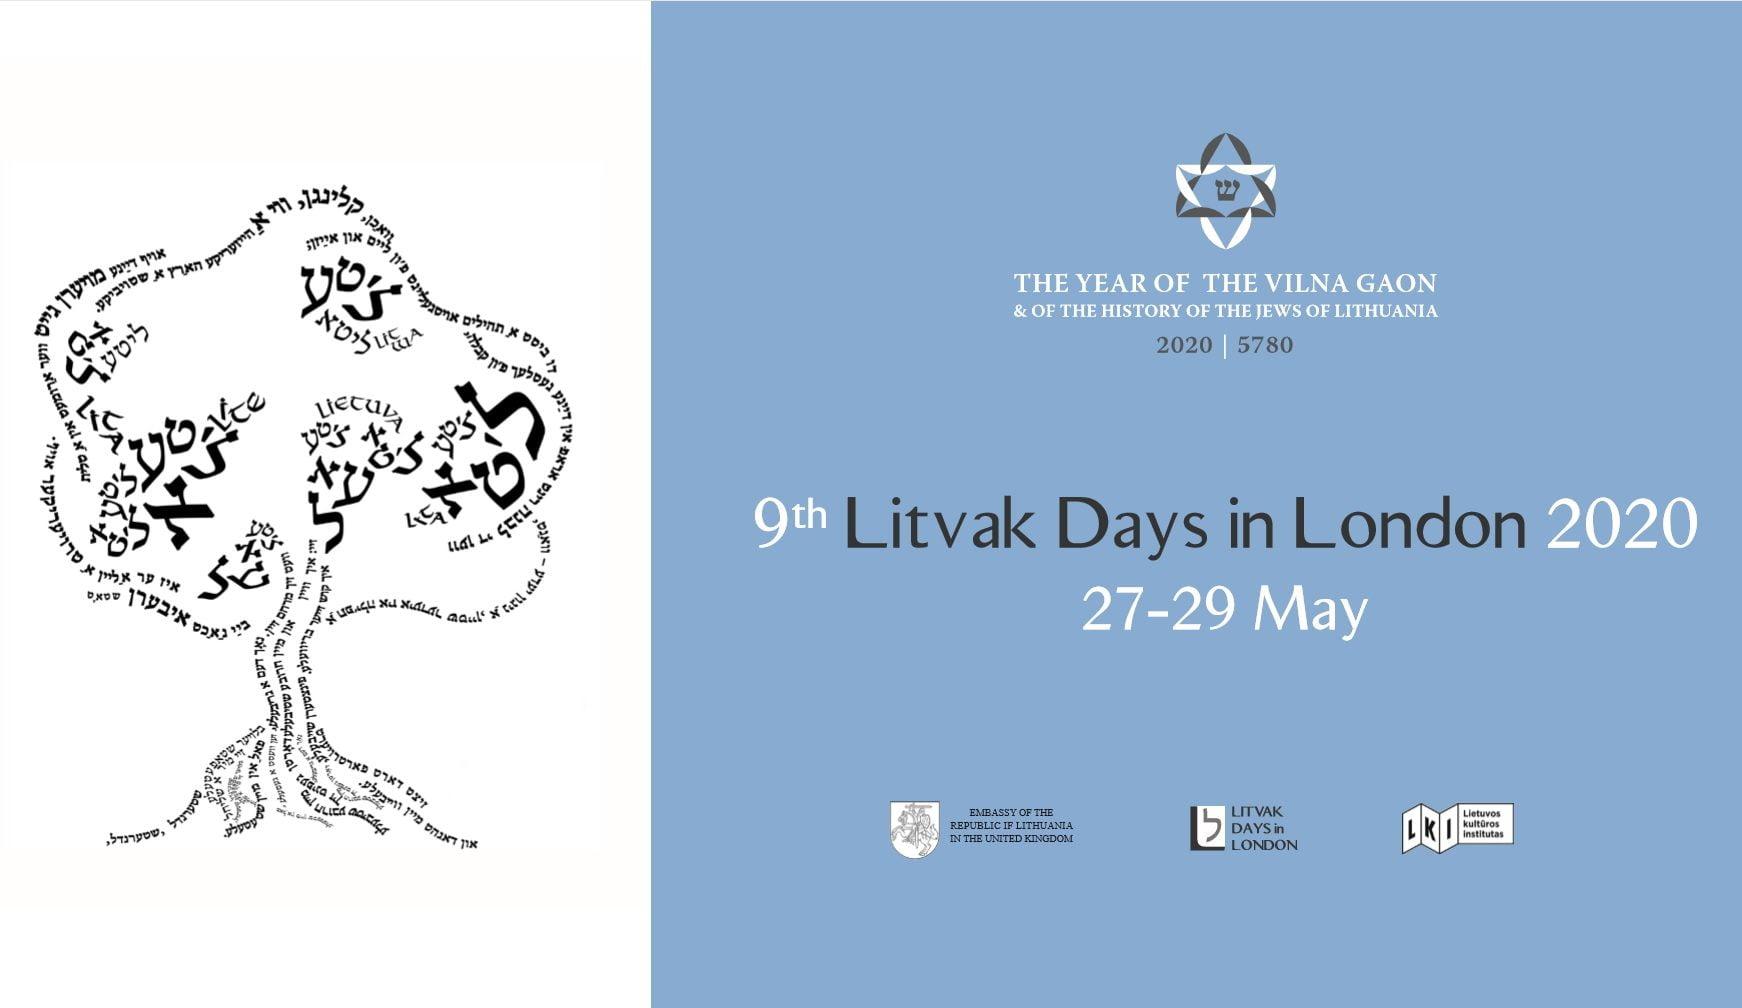 Virtualios Litvakų dienos Londone: Anatolijaus Šenderovo koncertas ir nuotolinės diskusijos